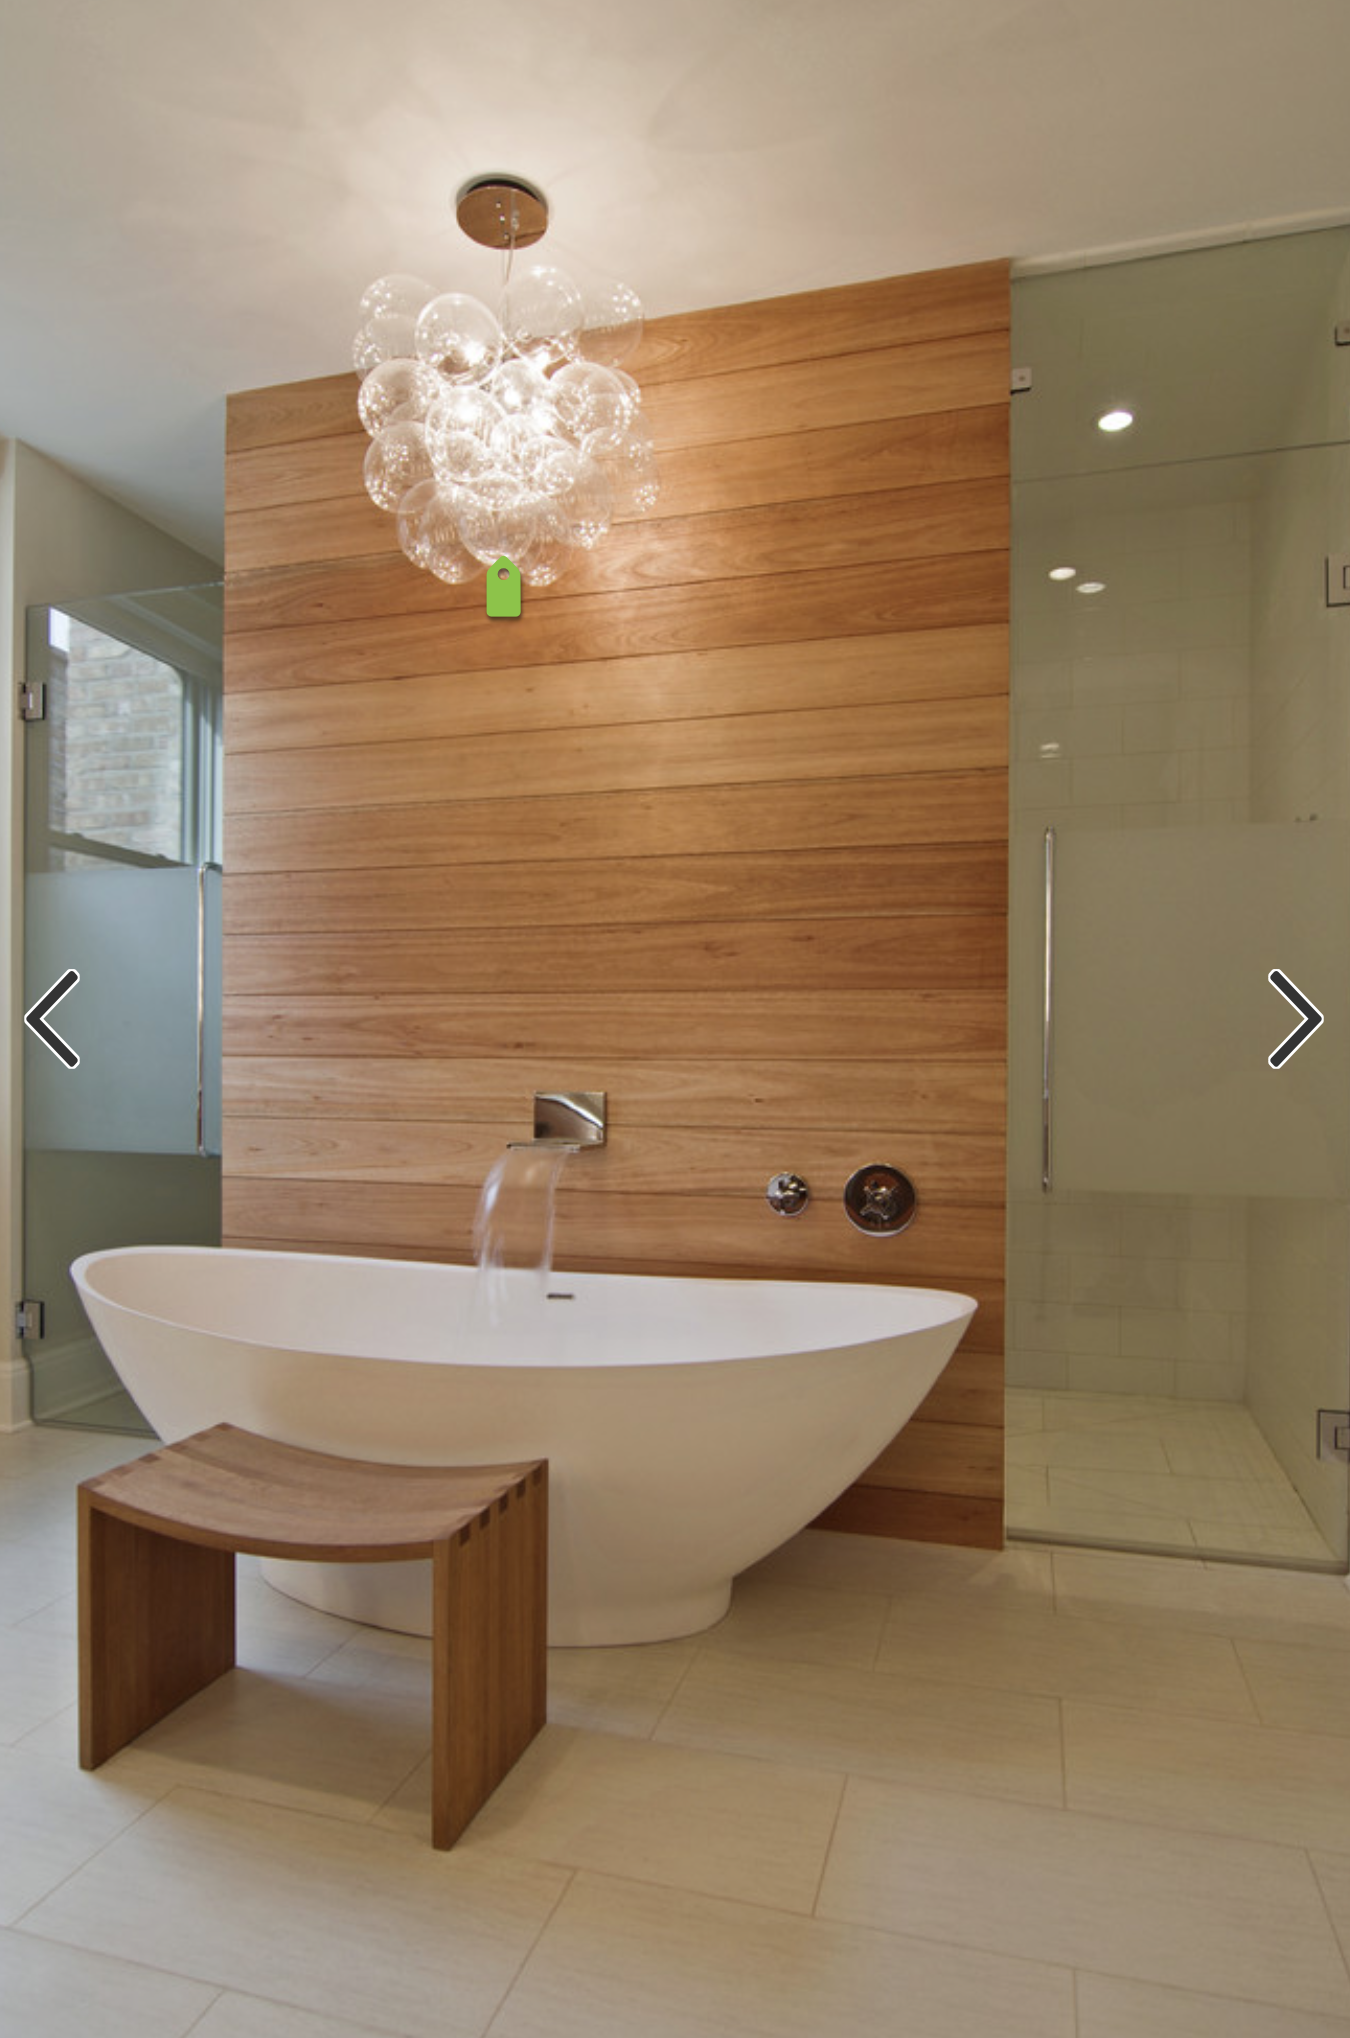 Wunderbar Idee Holzwand Und Freistehende Badewanne